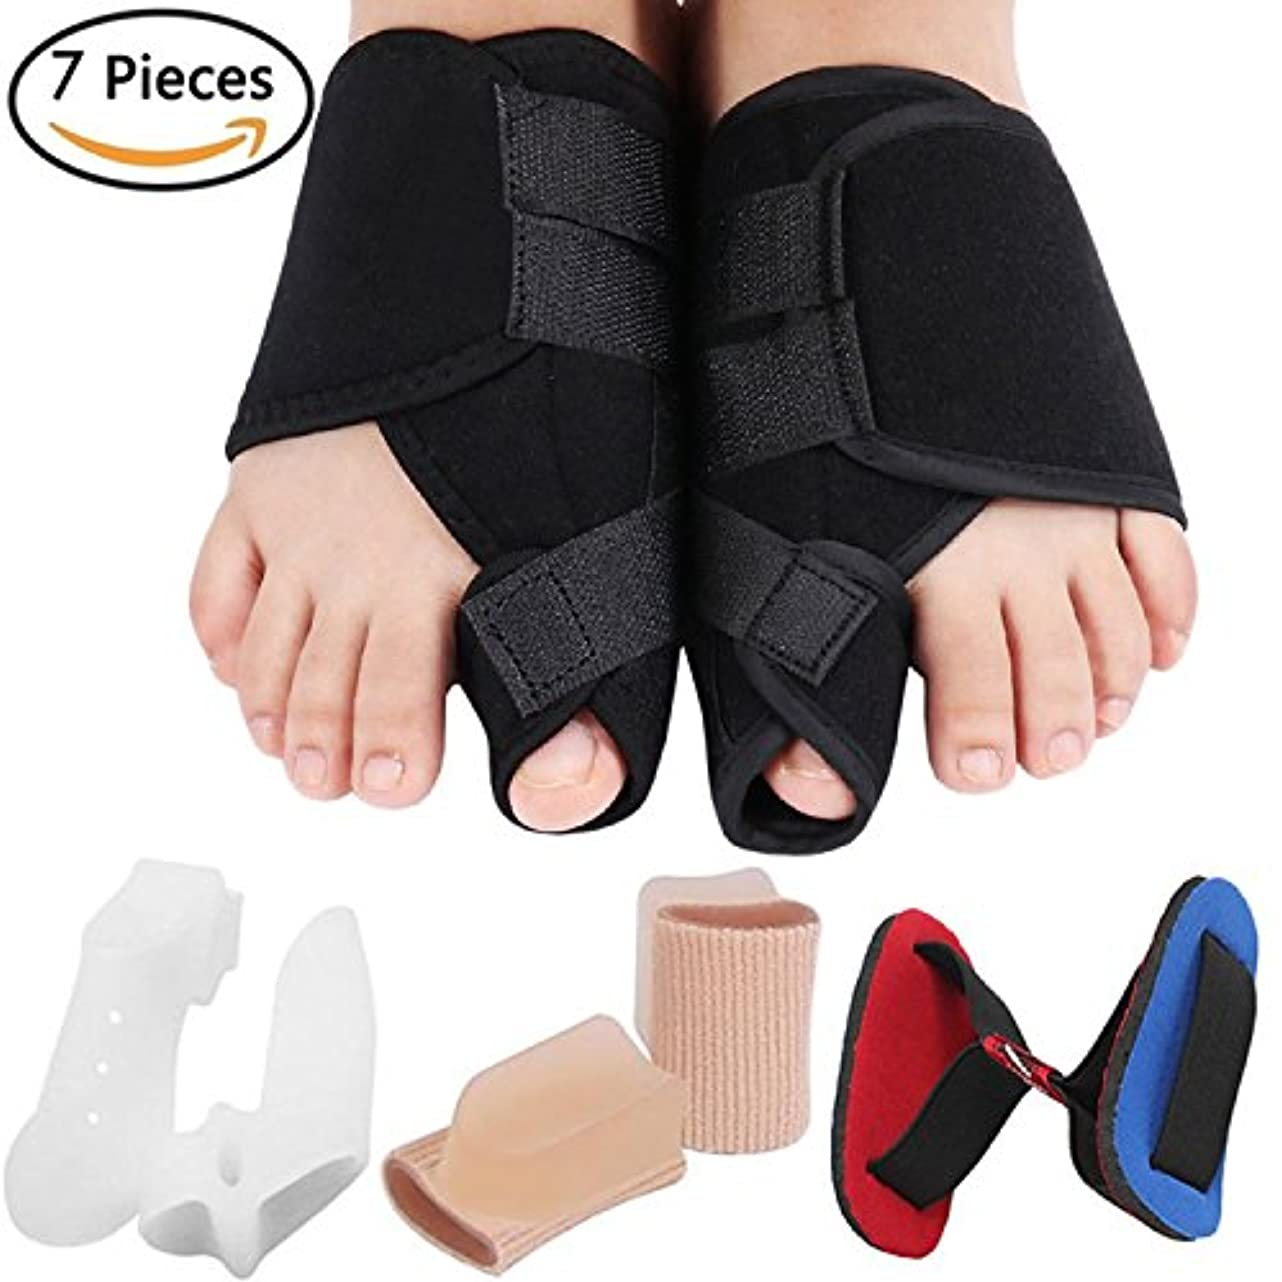 所持憂鬱眩惑するBunion Corrector Bunion Relief Kit, Bunion Splint Toe Straightener Corrector for Hallux Valgus, Big Toe Joint,...